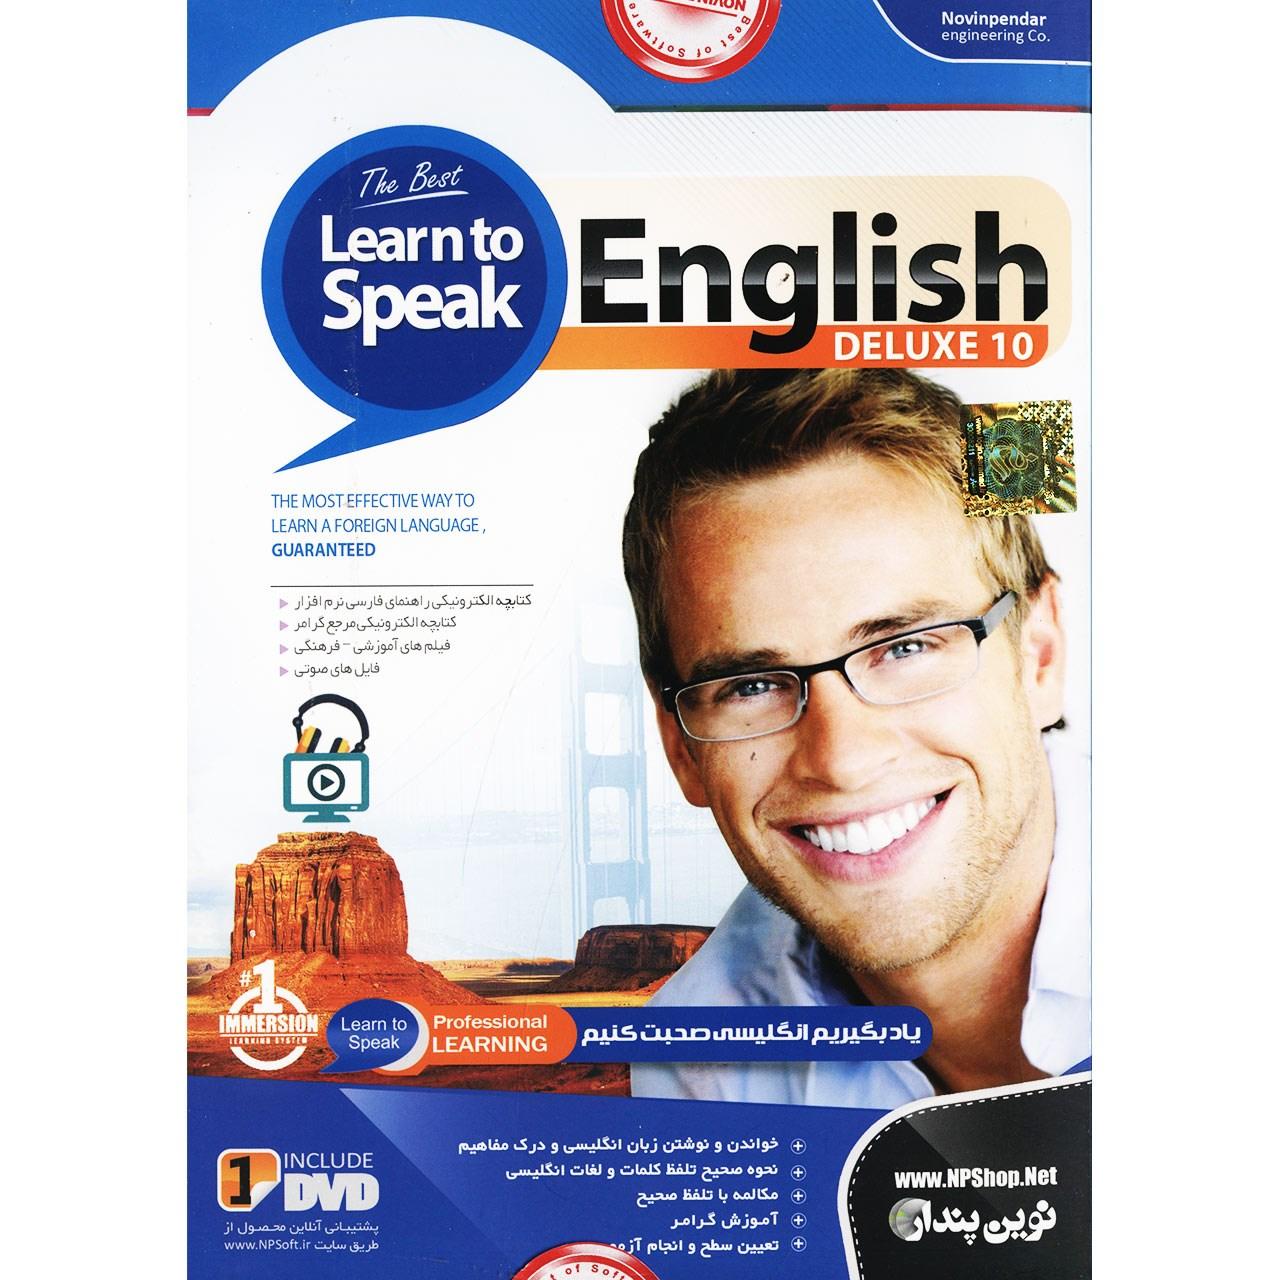 نرم افزار آموزش Learn To Speak English نشر نوین پندار